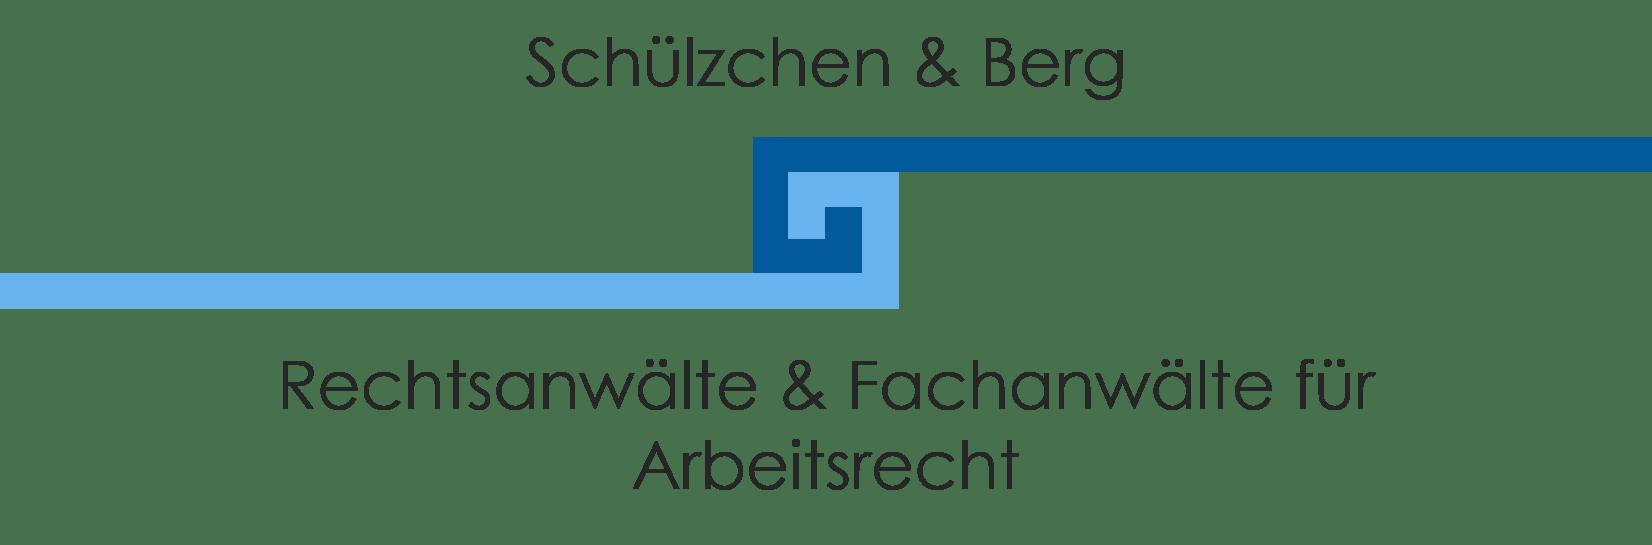 Kanzlei Schülzchen & Berg